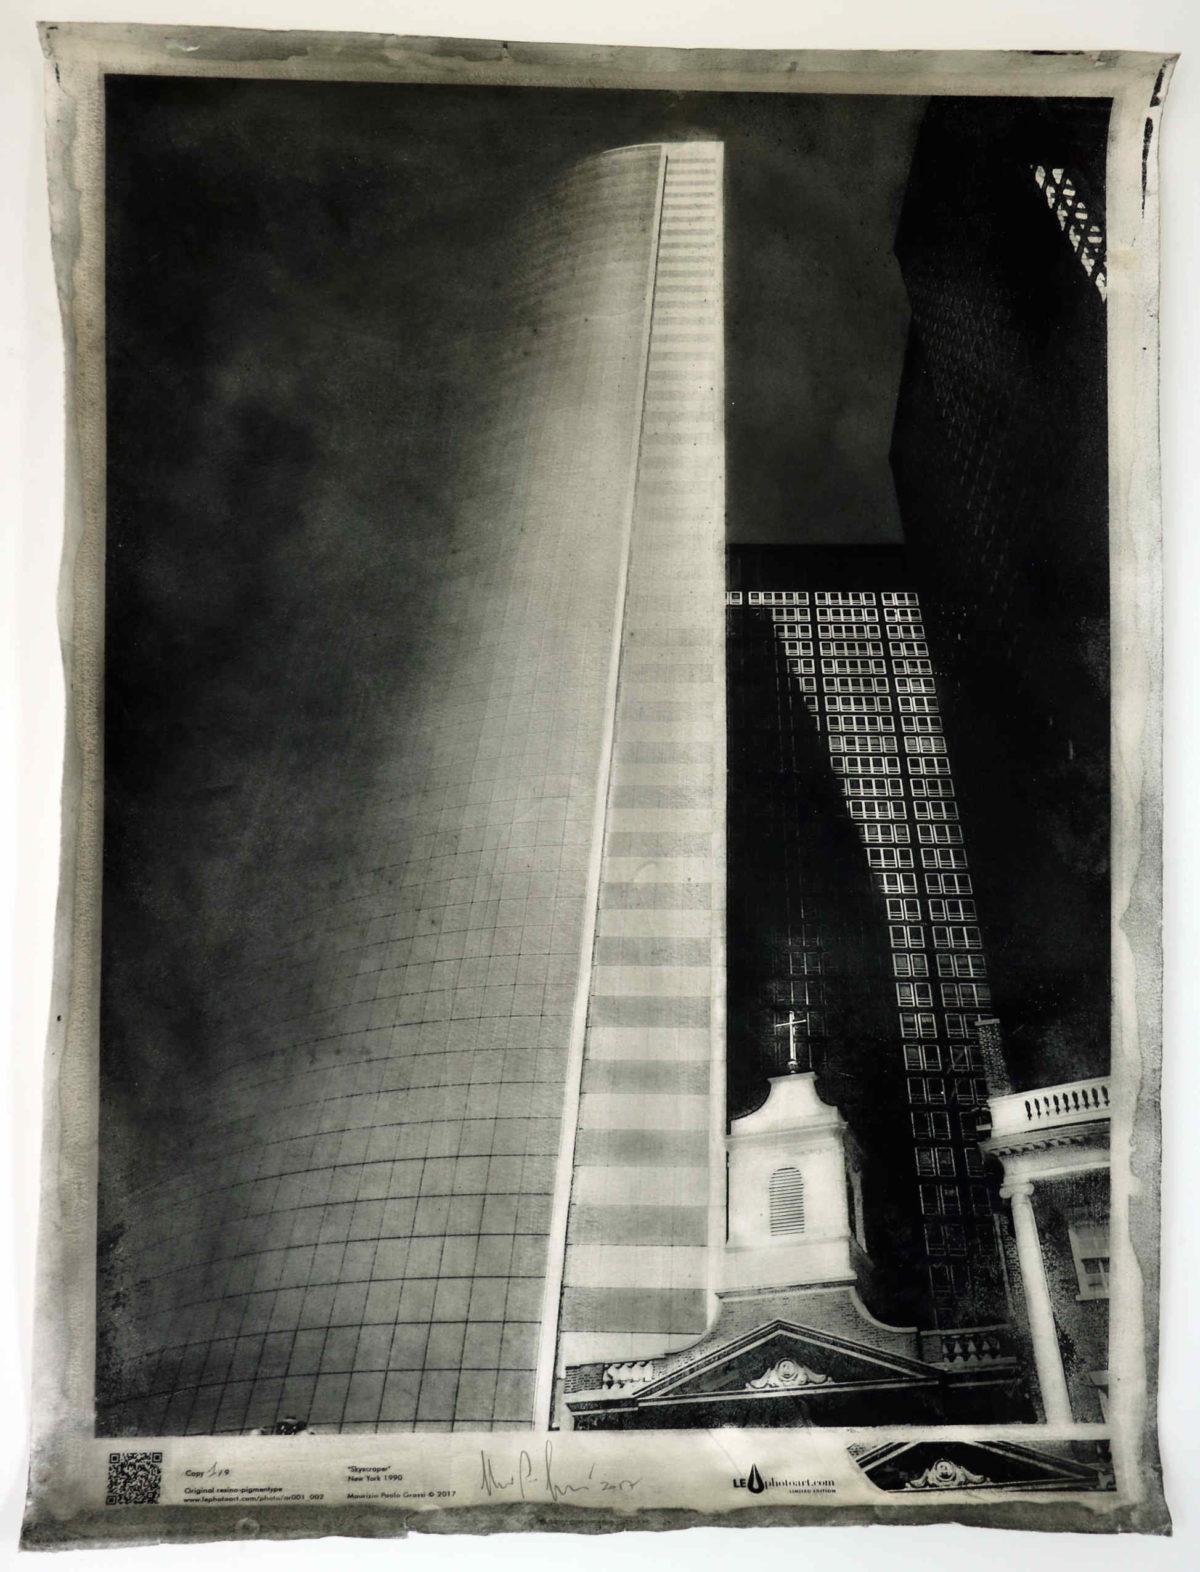 New York Photo Skyscraper